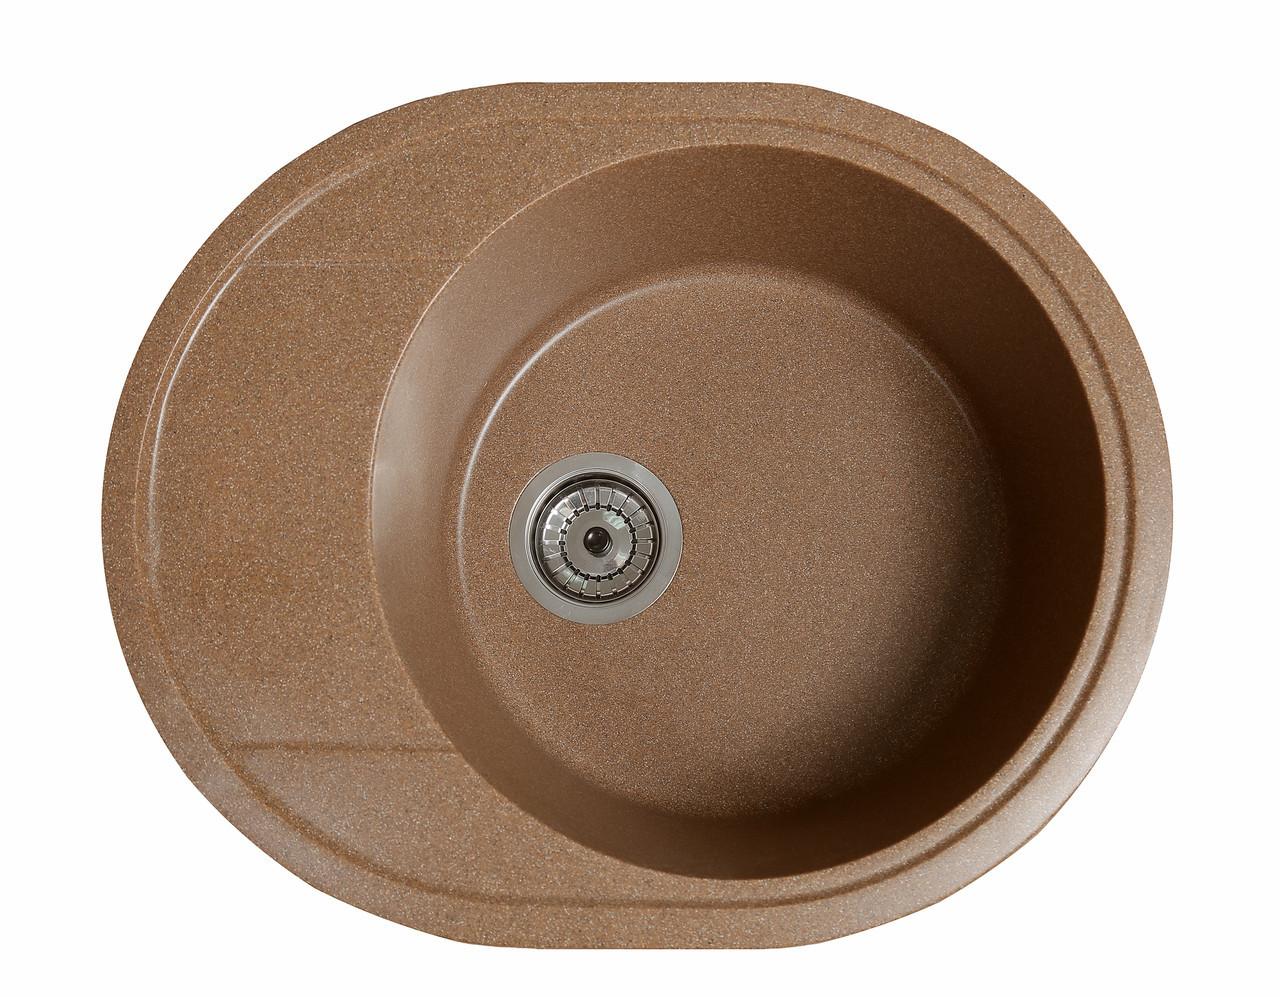 Кухонна мийка гранітна Galati Voce Teracota (701) 3337 теракот